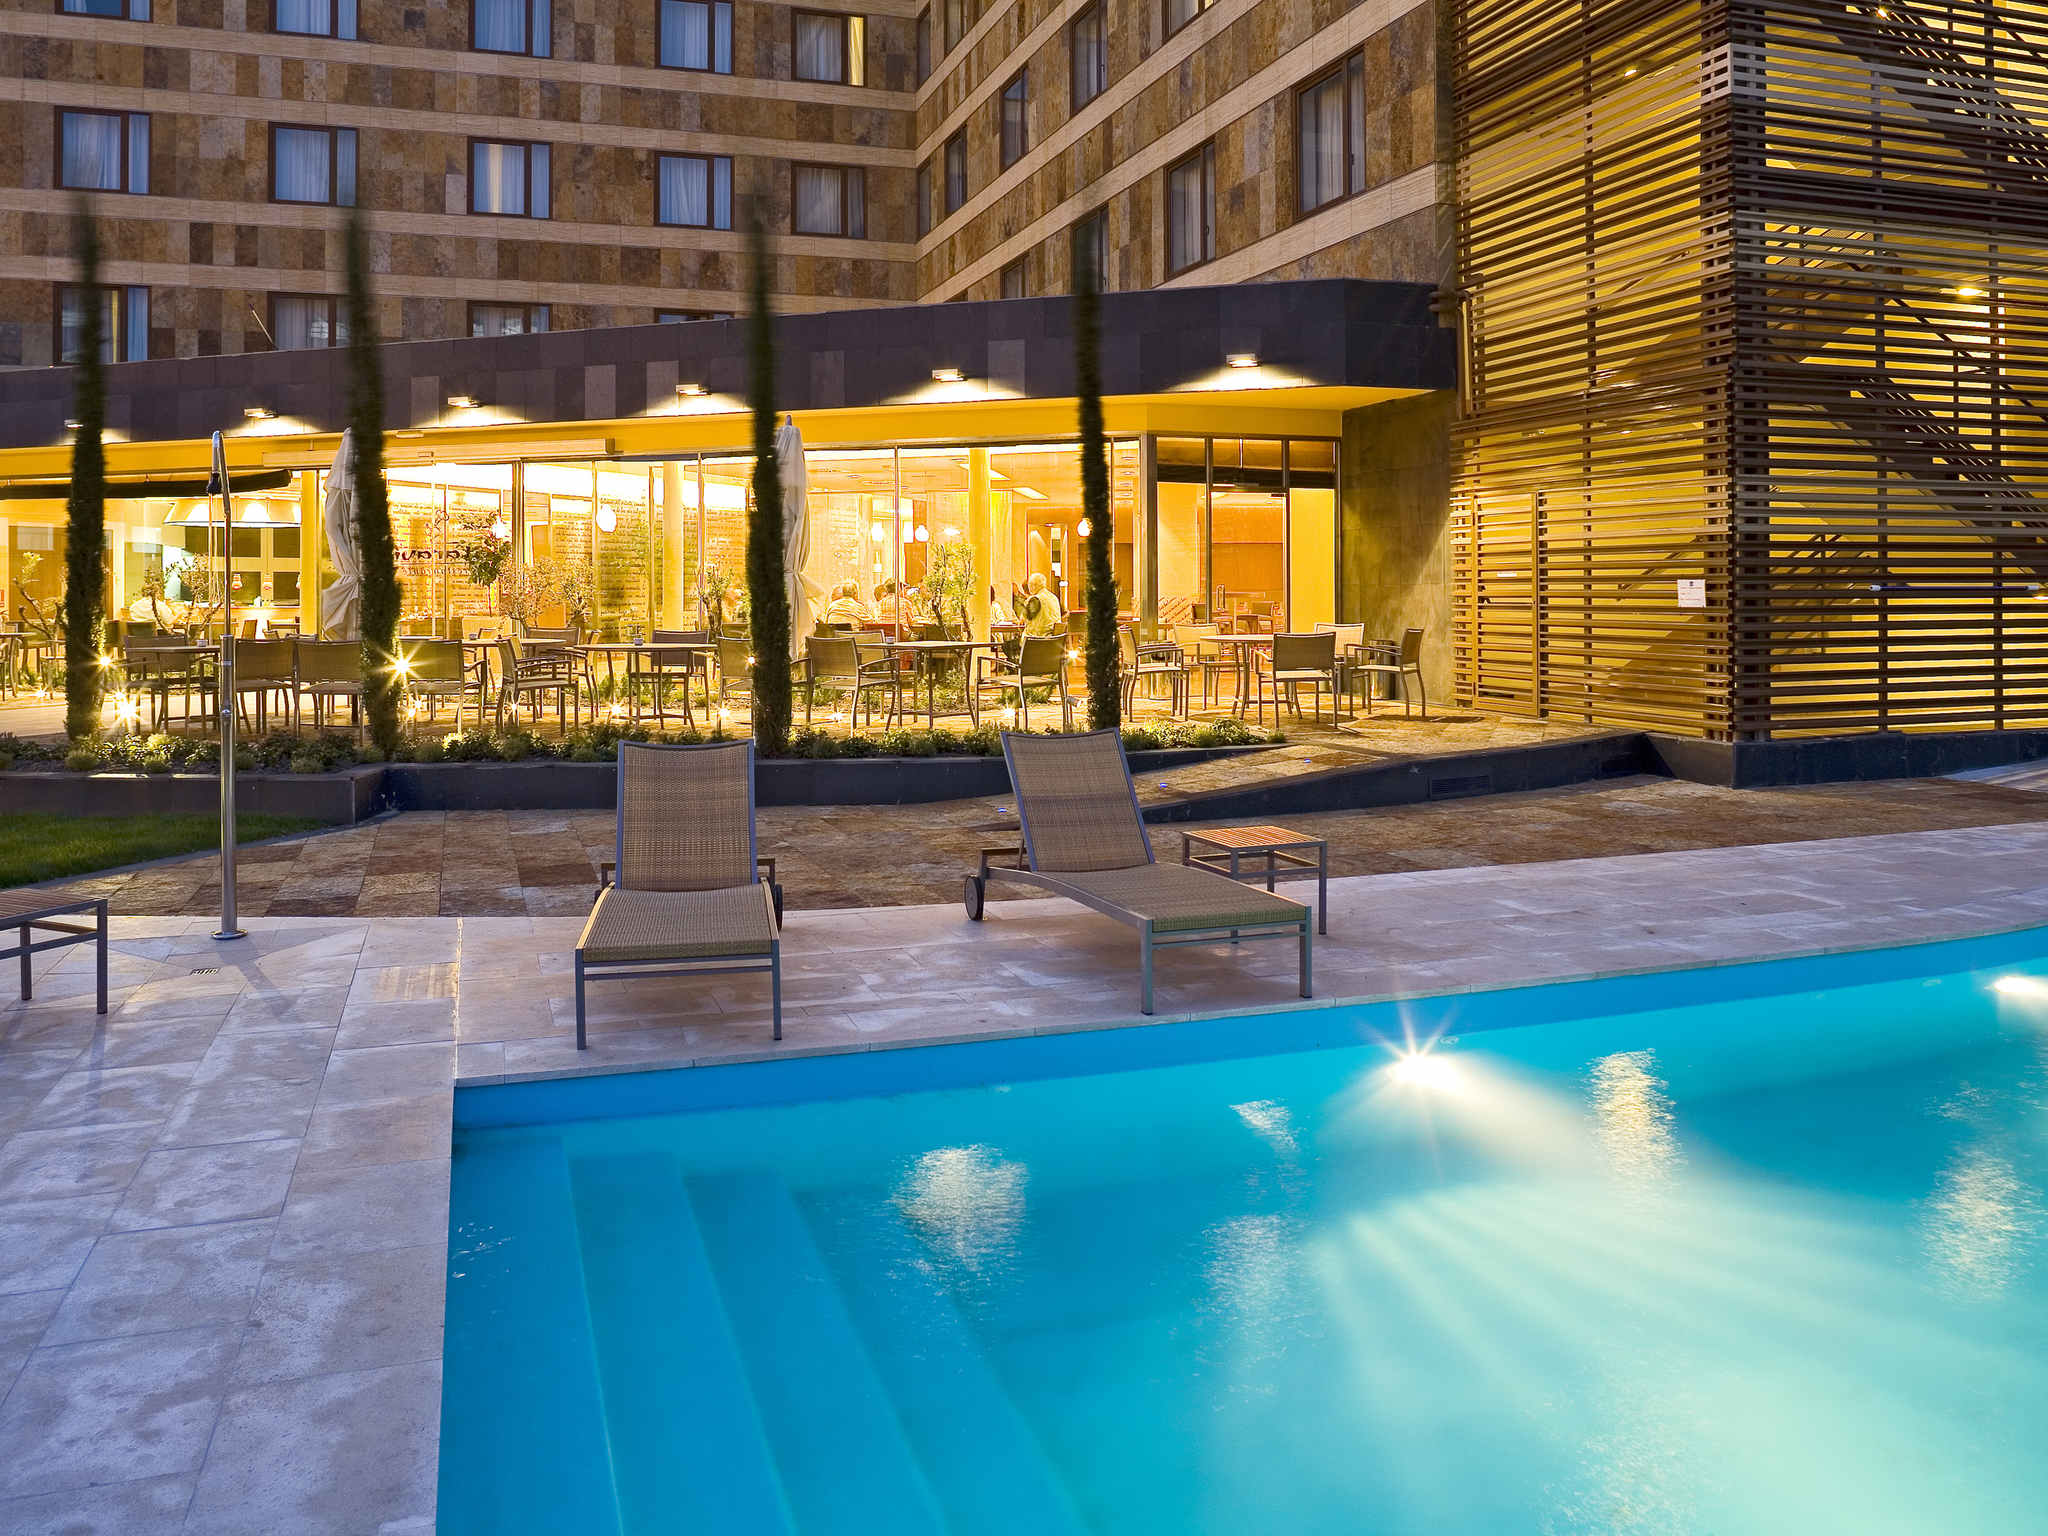 酒店 – 巴利亚多利德诺富特酒店